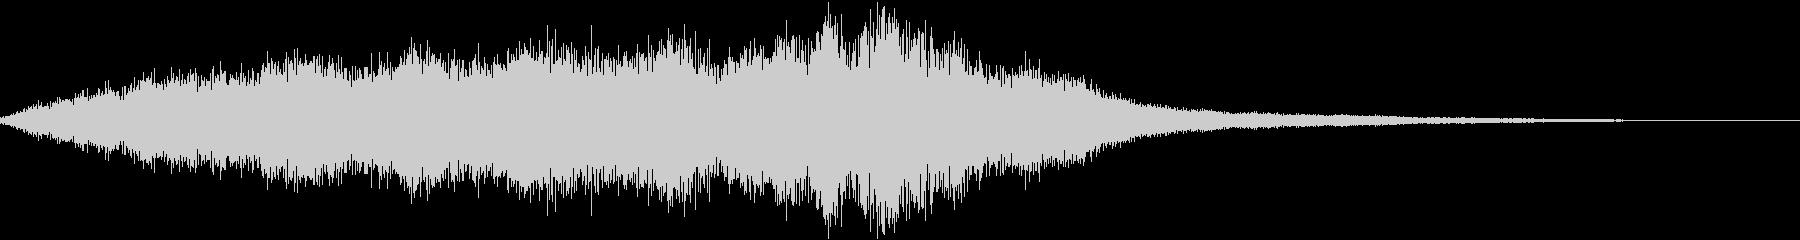 不安にさせる持続音20secの未再生の波形